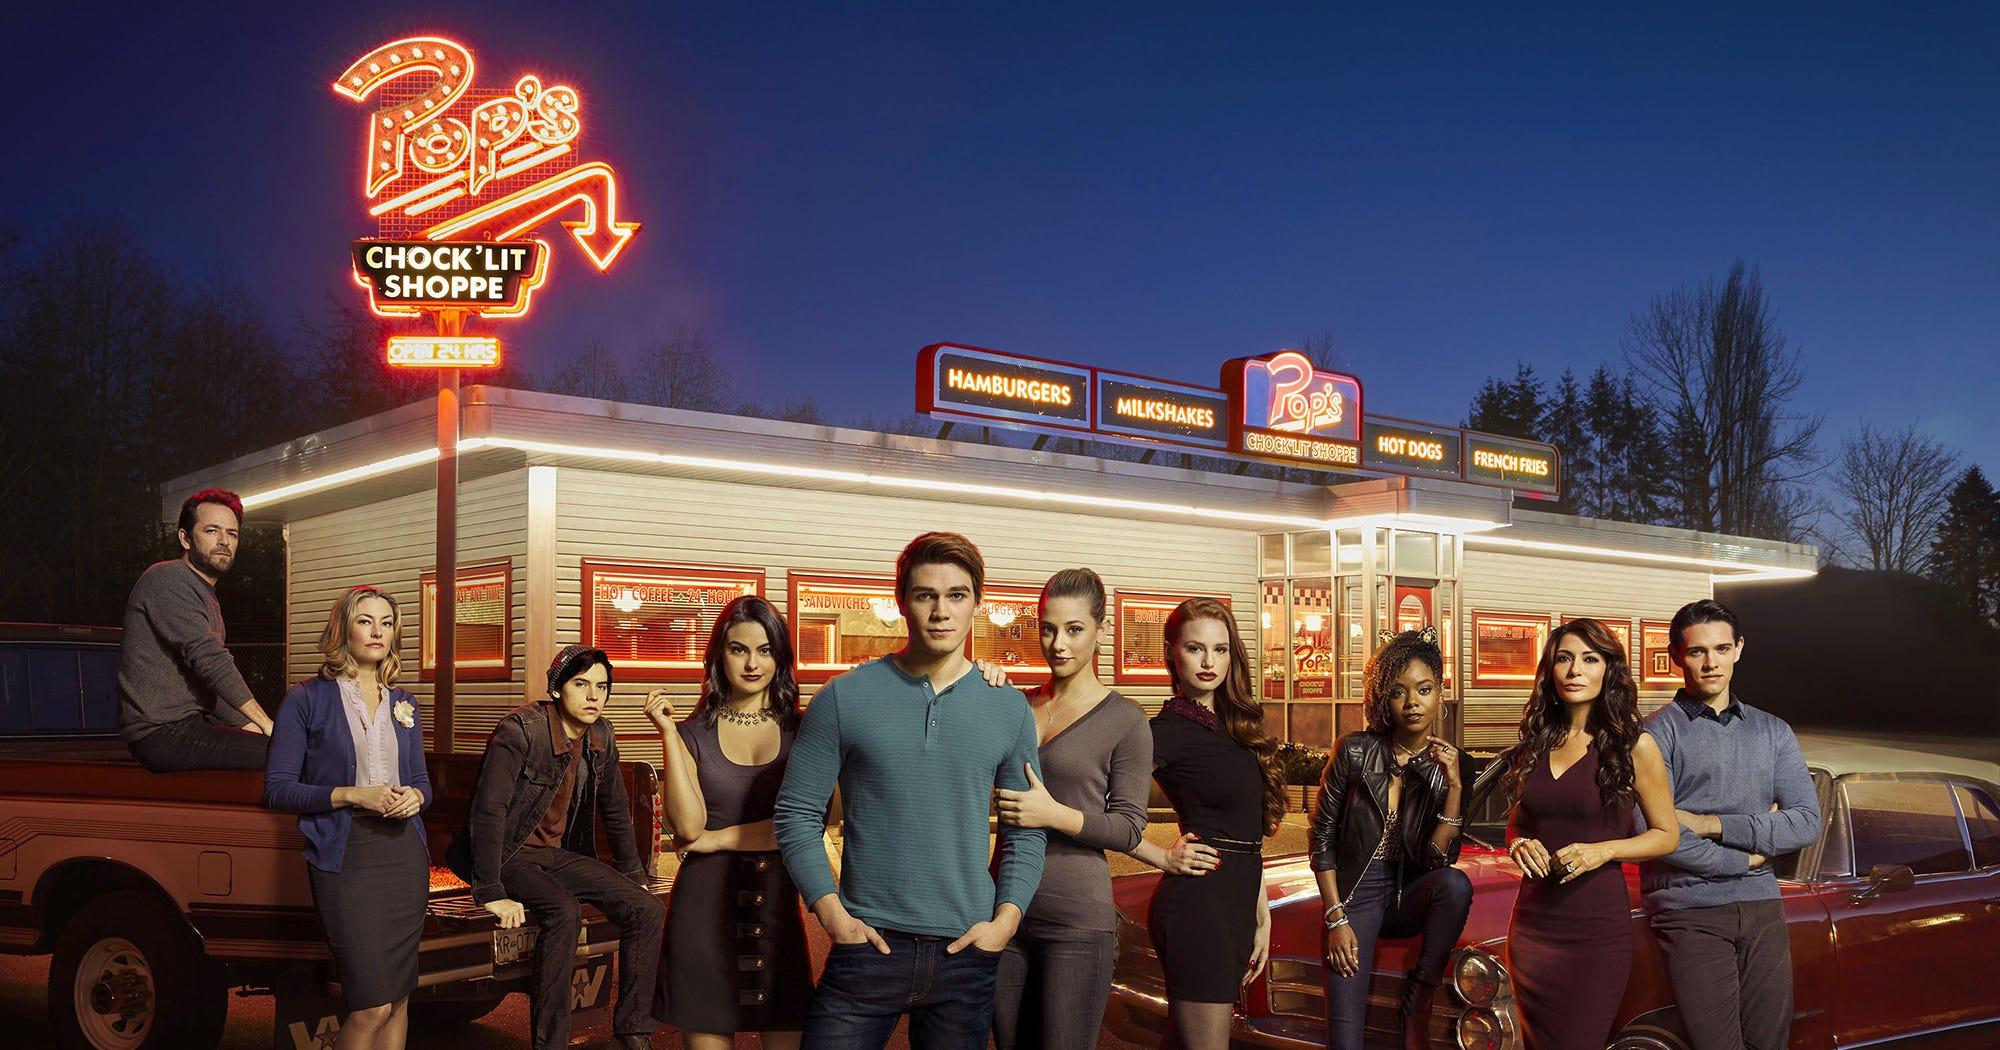 Rockos Diner Real Pops Chocklit Shoppe Riverdale